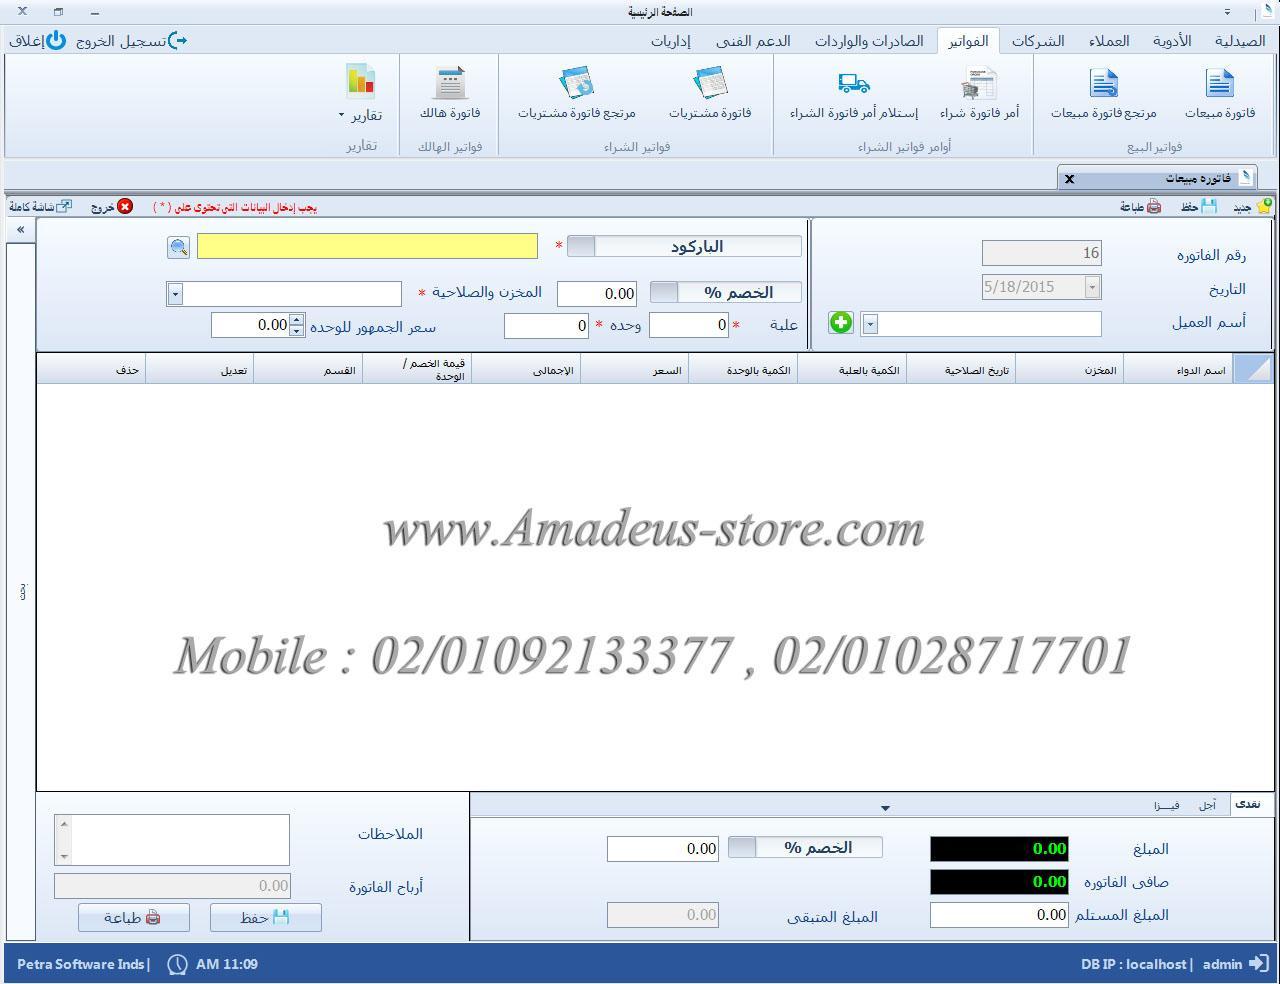 عروض شهر رمضان الكريم على برنامج الصيدلية فارماكير Pharmacy Management System 457393237.jpg